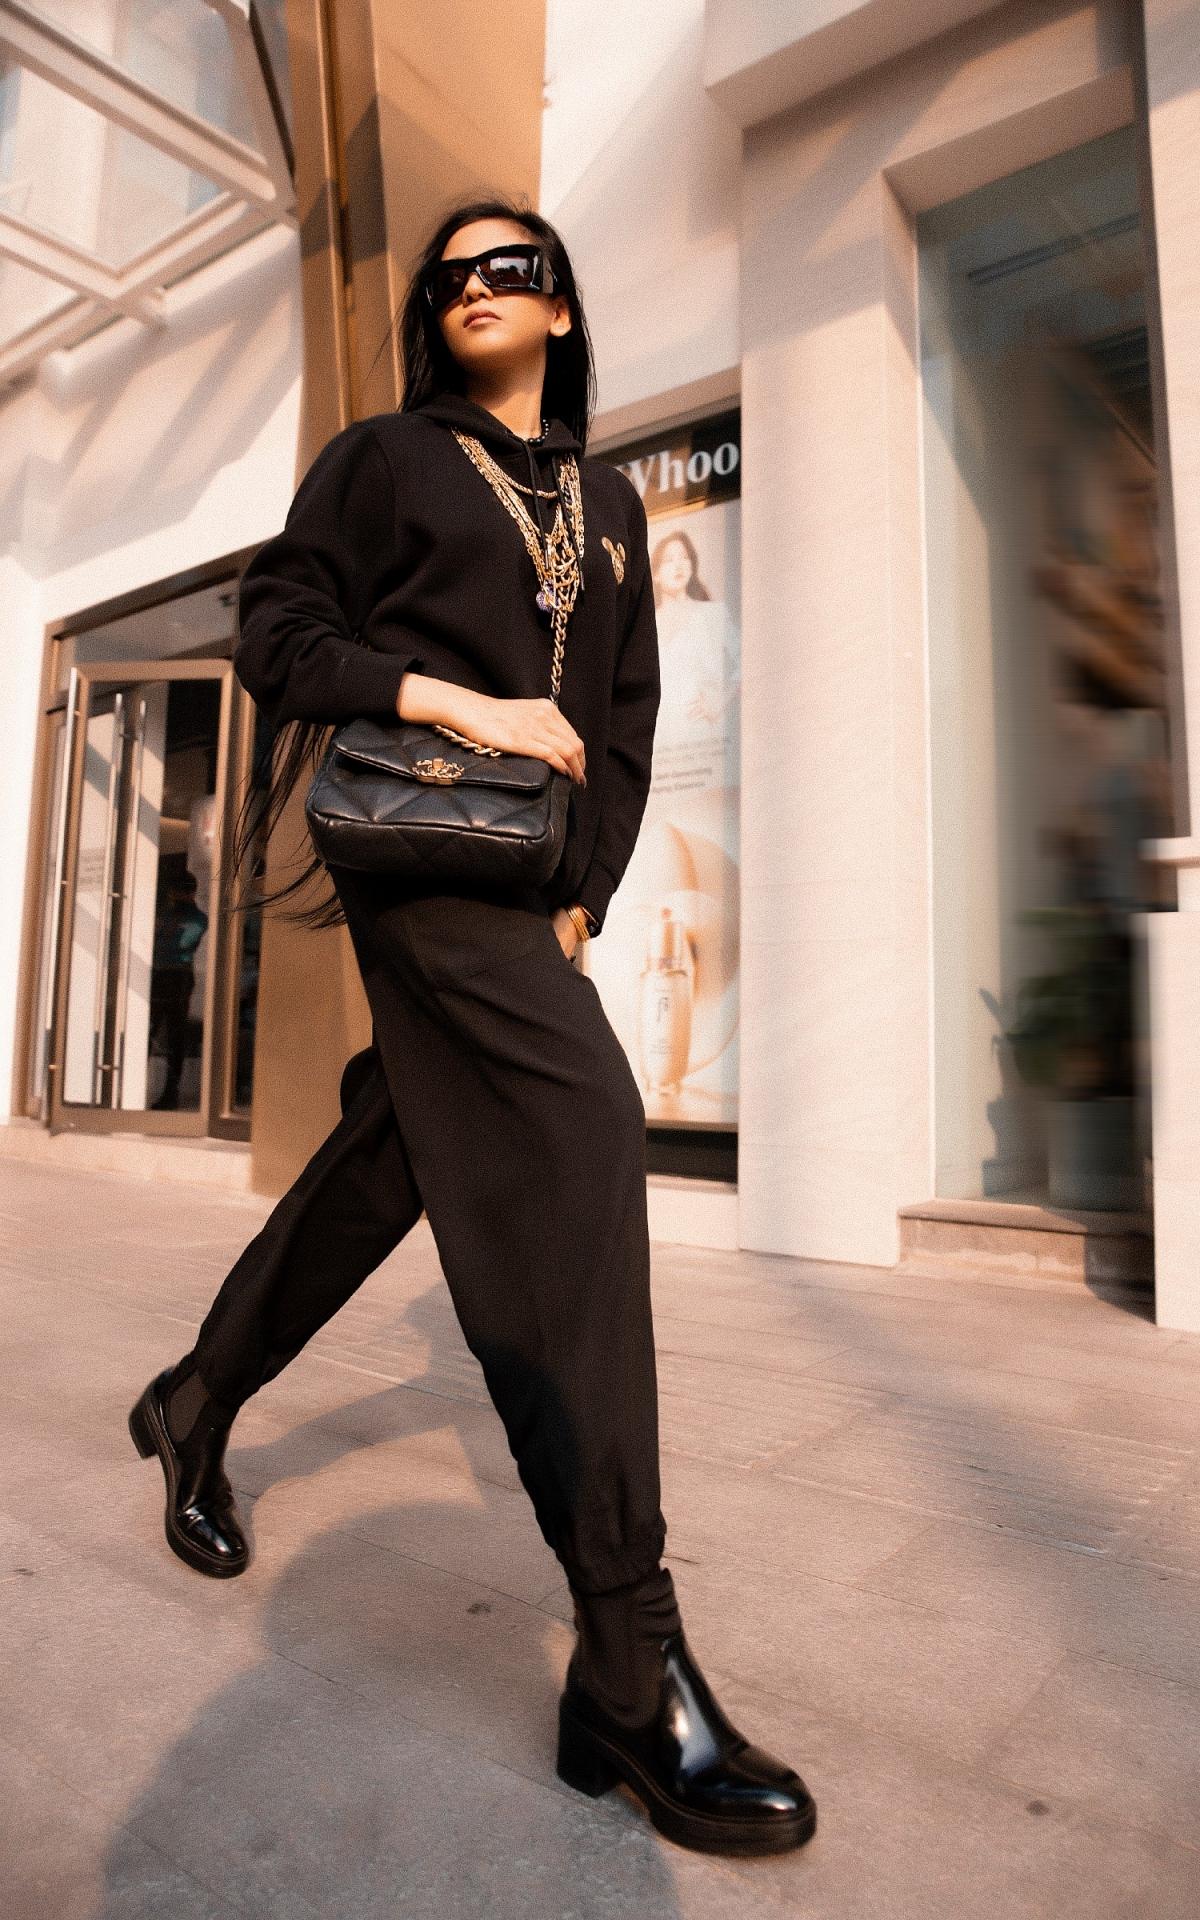 Cô thường chọn trang phục đơn giản, ít màu sắc để phối cùng phụ kiện bắt mắt. Chính vì thể, những đường nét trên khuôn mặt của Trương Thị May rất nổi bật bởi phụ kiện tạo điểm nhấn.